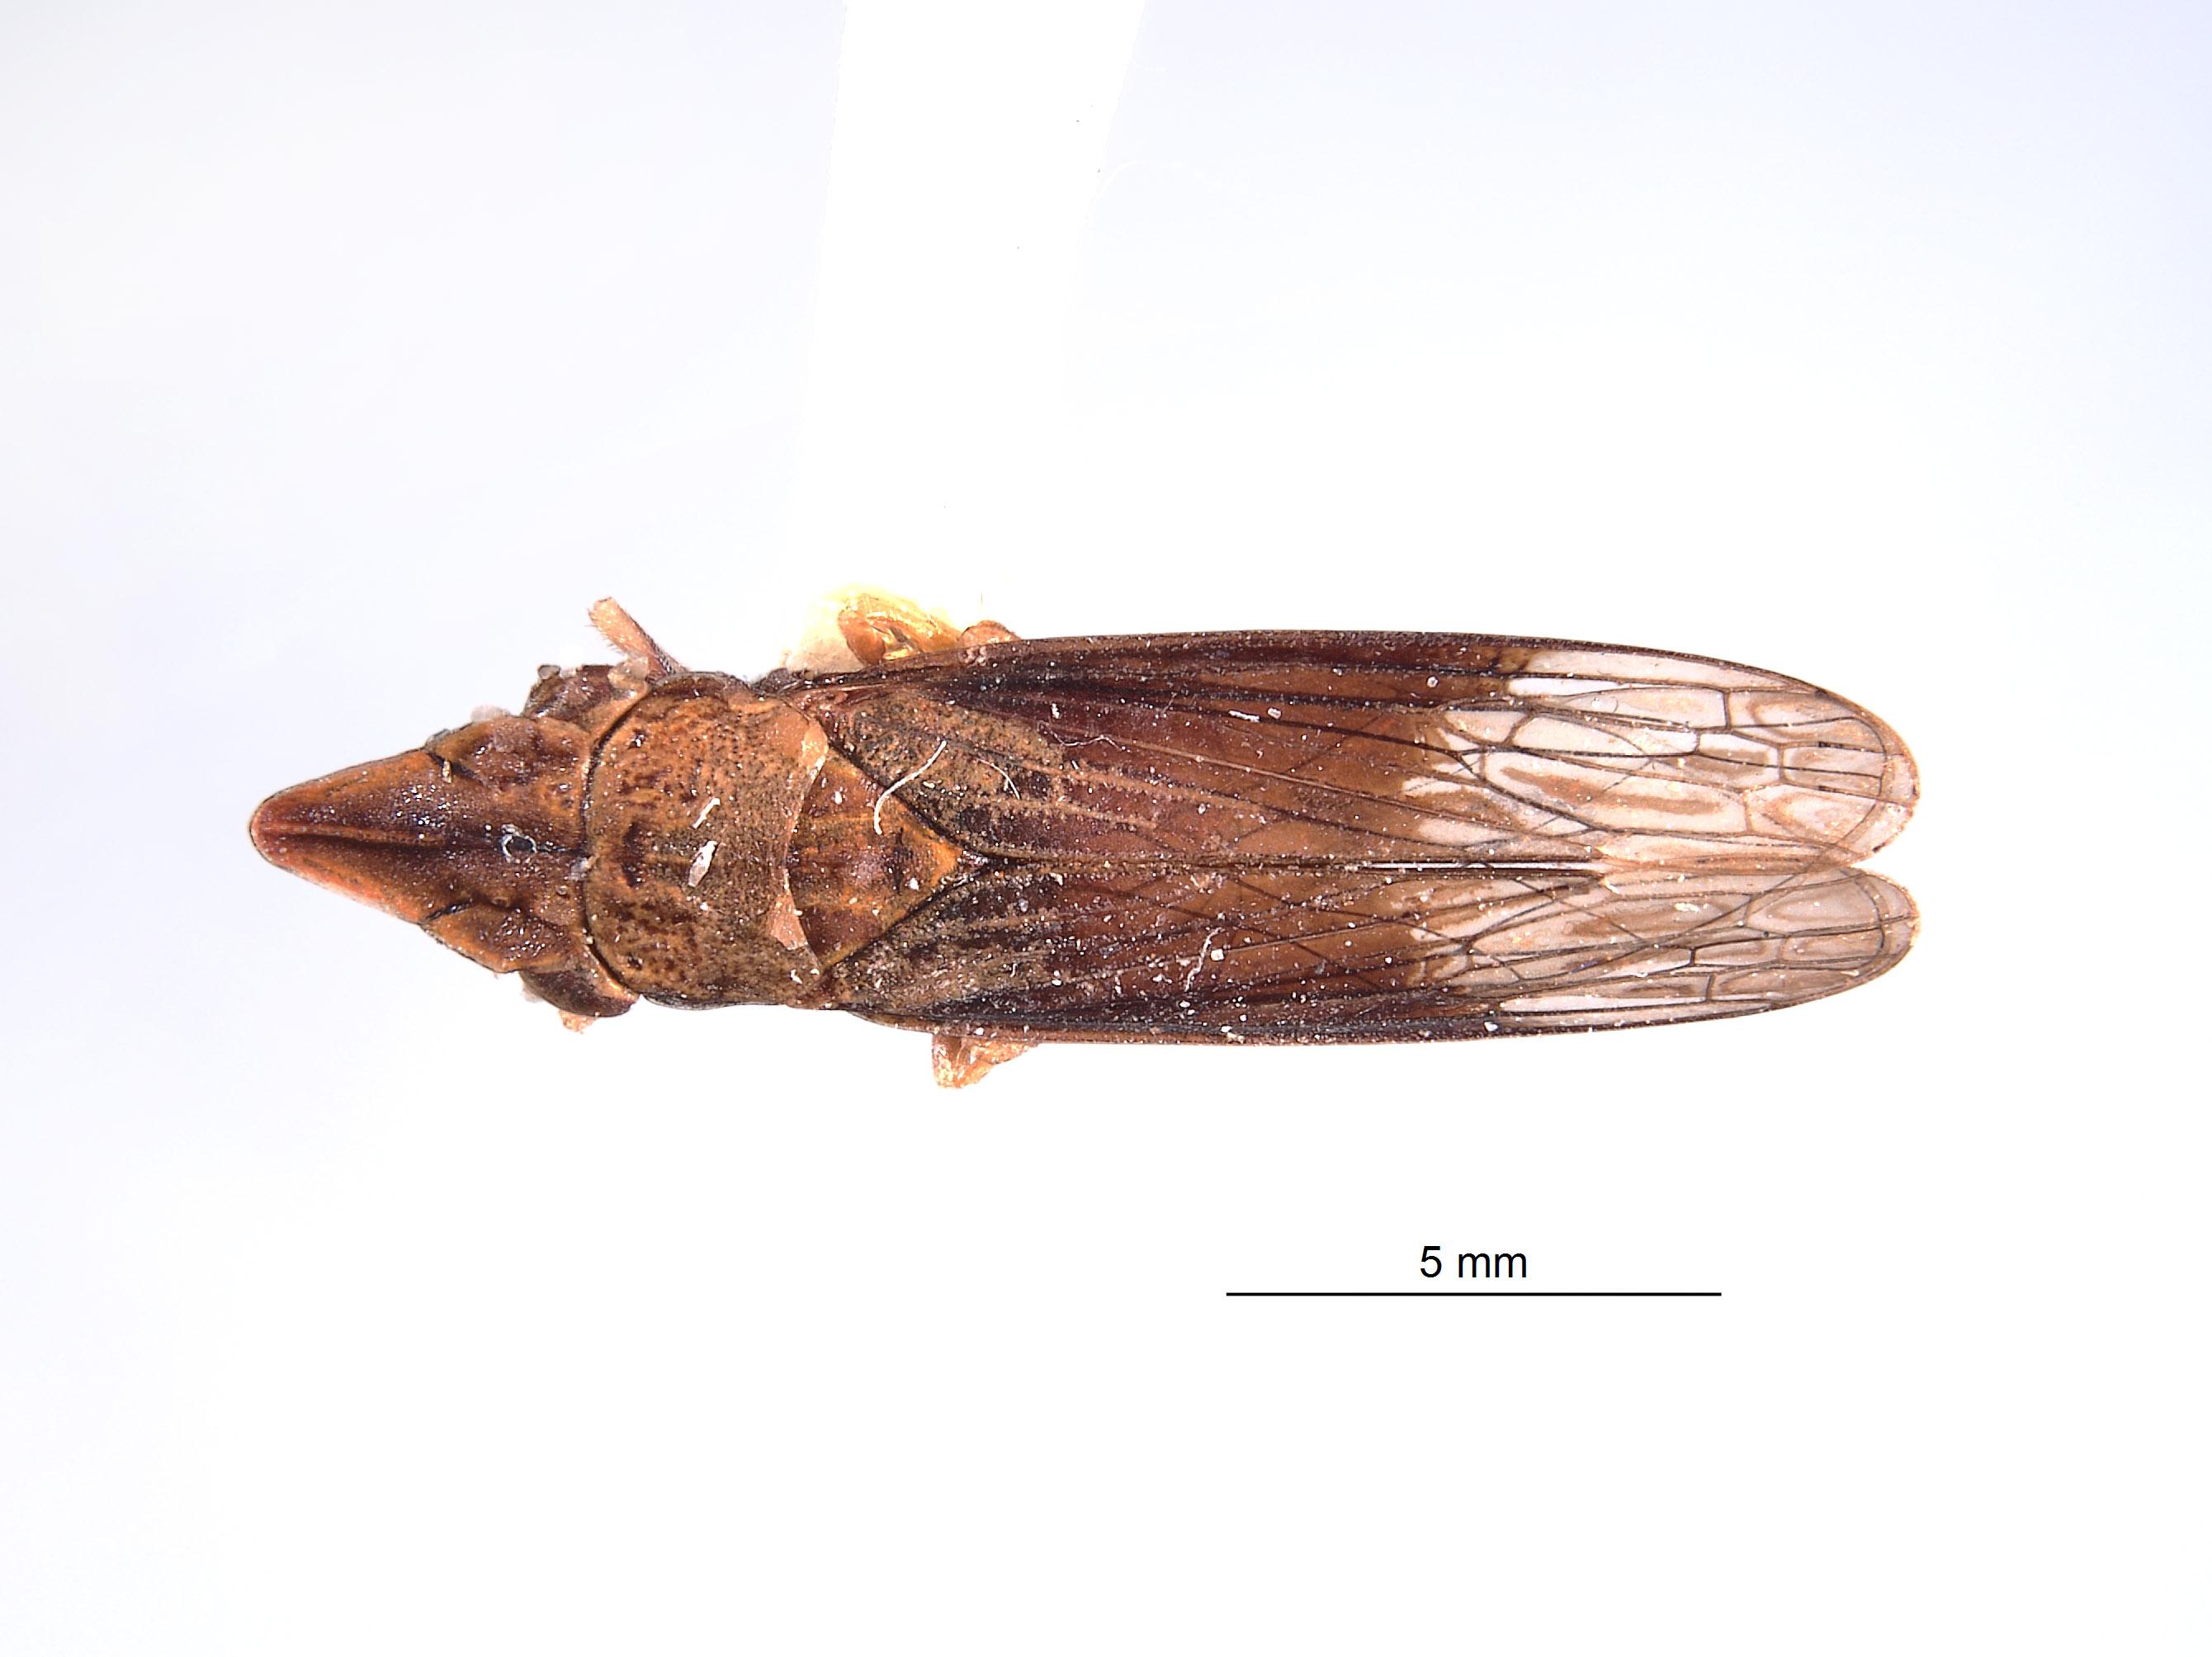 Phereurhinus image